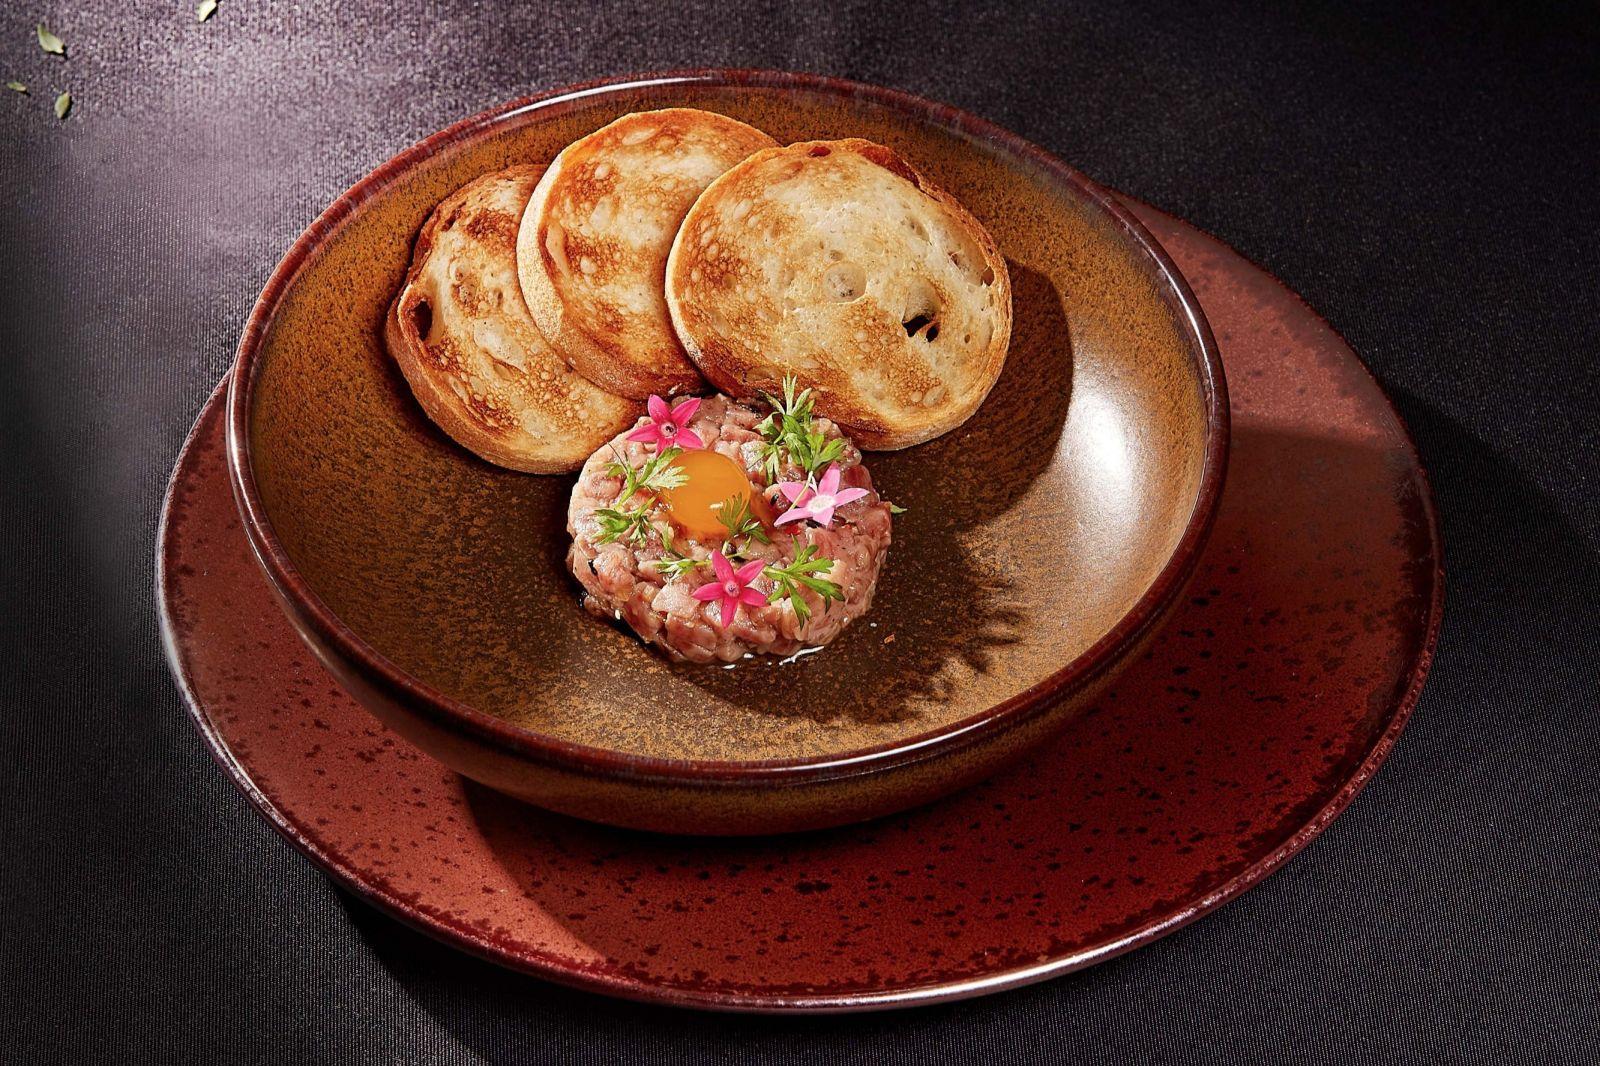 【A CUT】輕盈而富有記憶點的極致美味 9道夏日新菜上桌